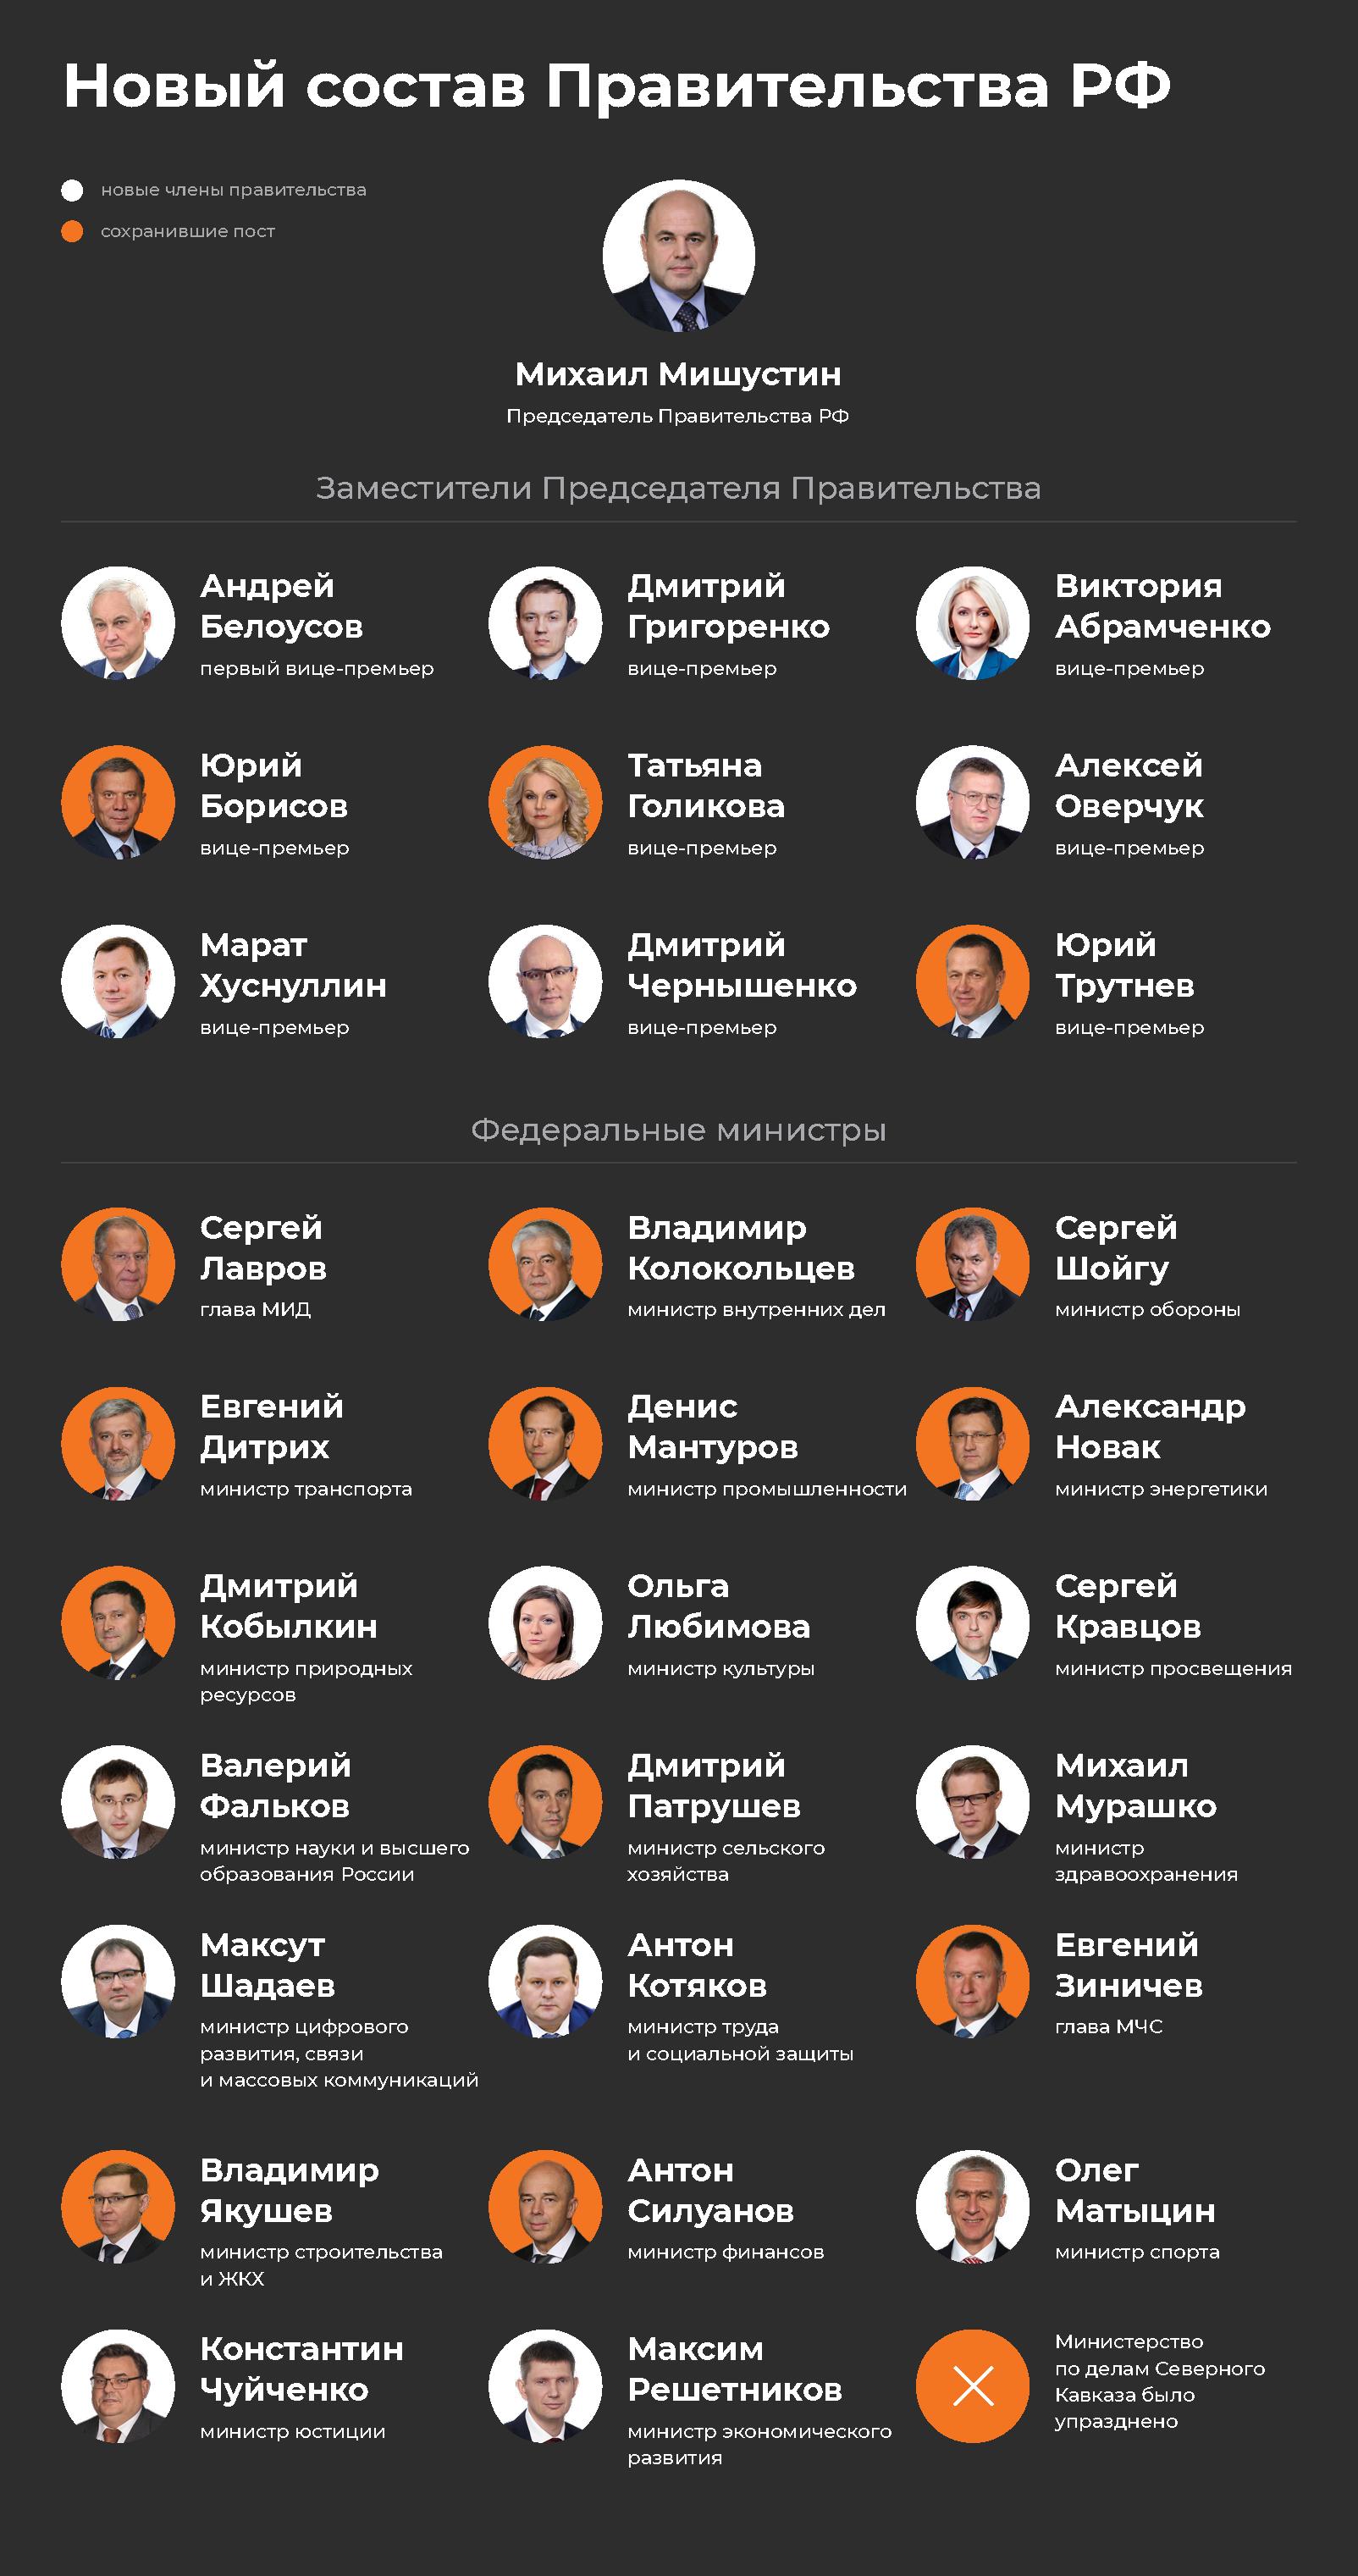 Новое правительство России в одной картинке